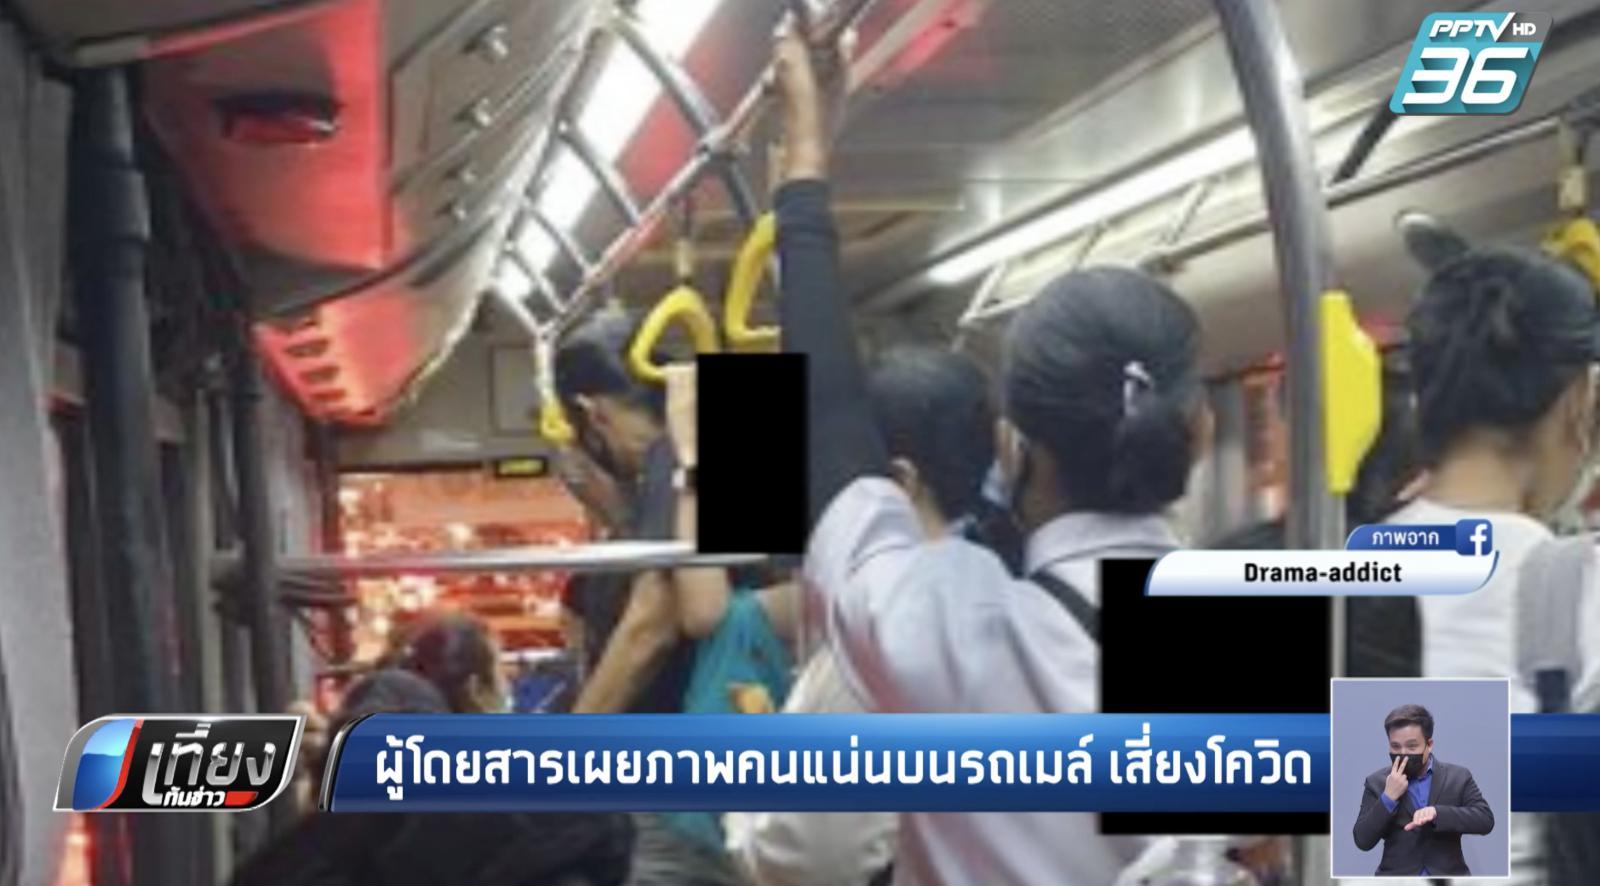 ผู้โดยสารเผยภาพคนแน่นบนรถเมล์ เสี่ยงโควิด